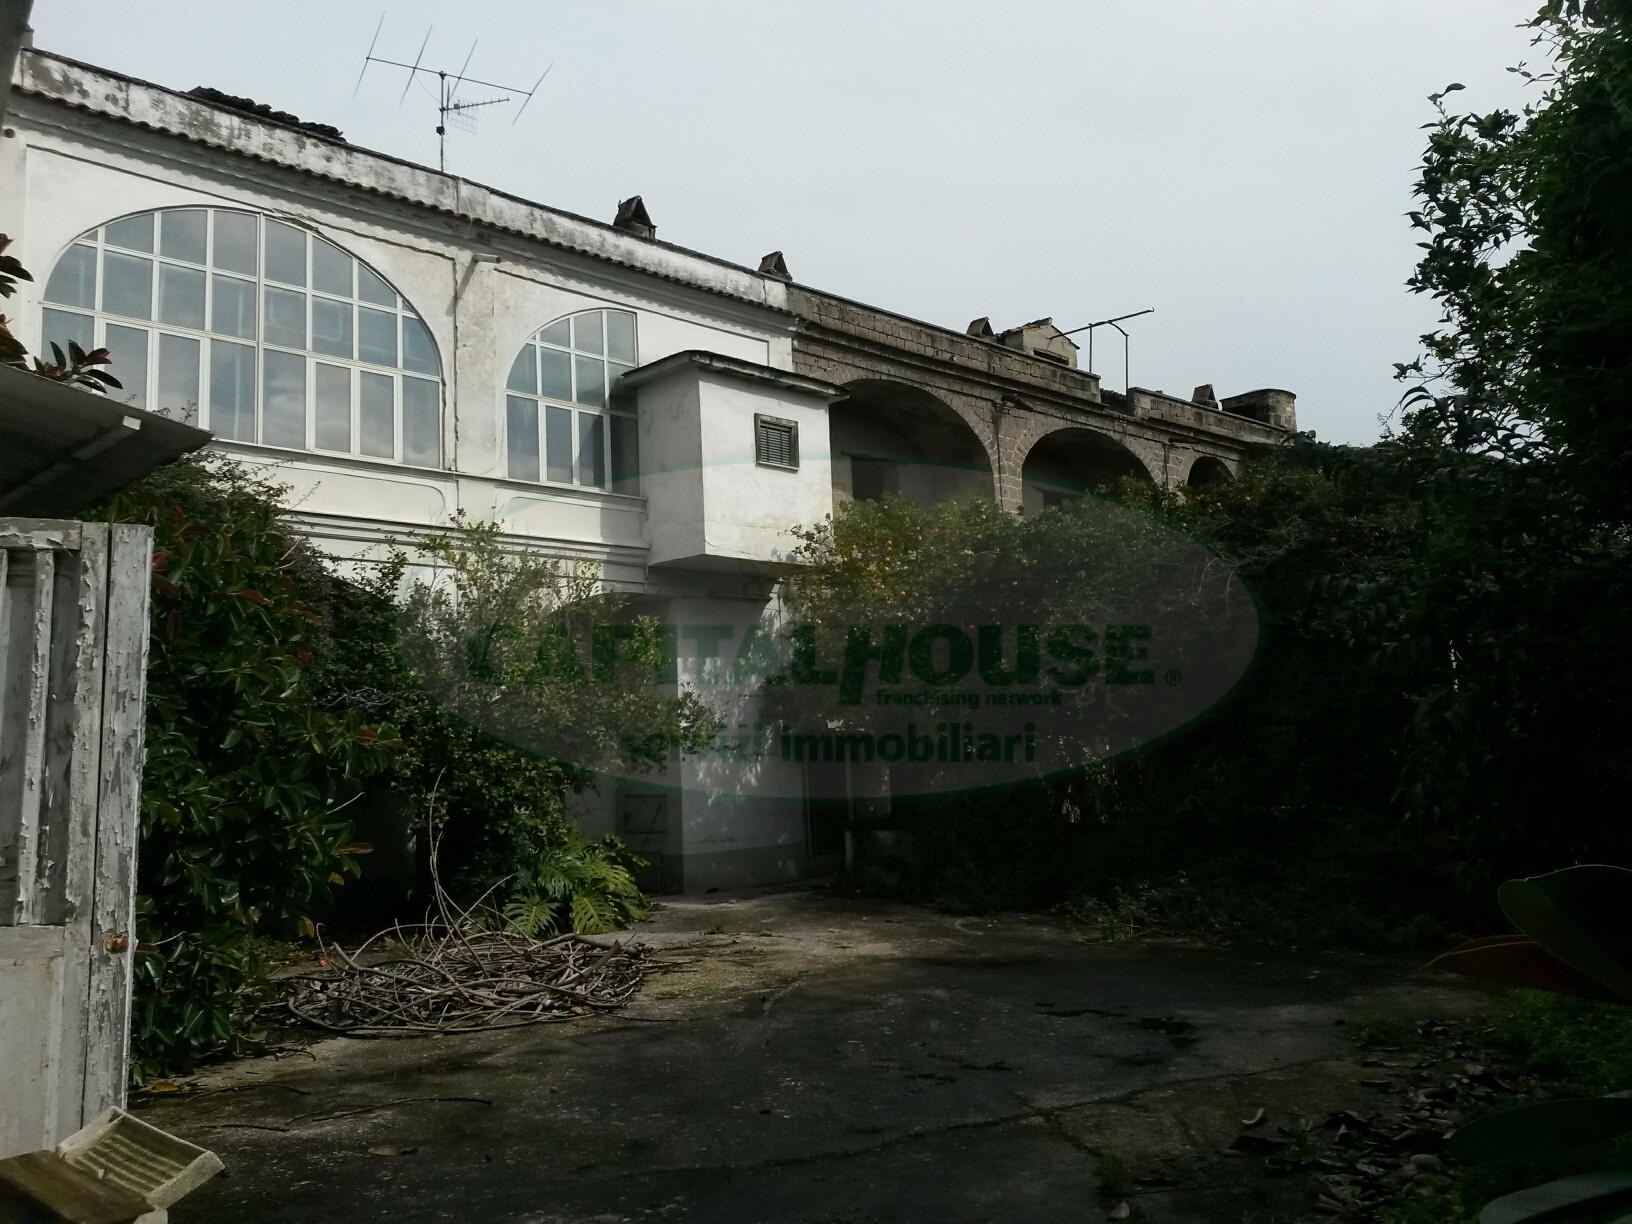 Soluzione Indipendente in vendita a Portico di Caserta, 22 locali, prezzo € 475.000 | Cambio Casa.it